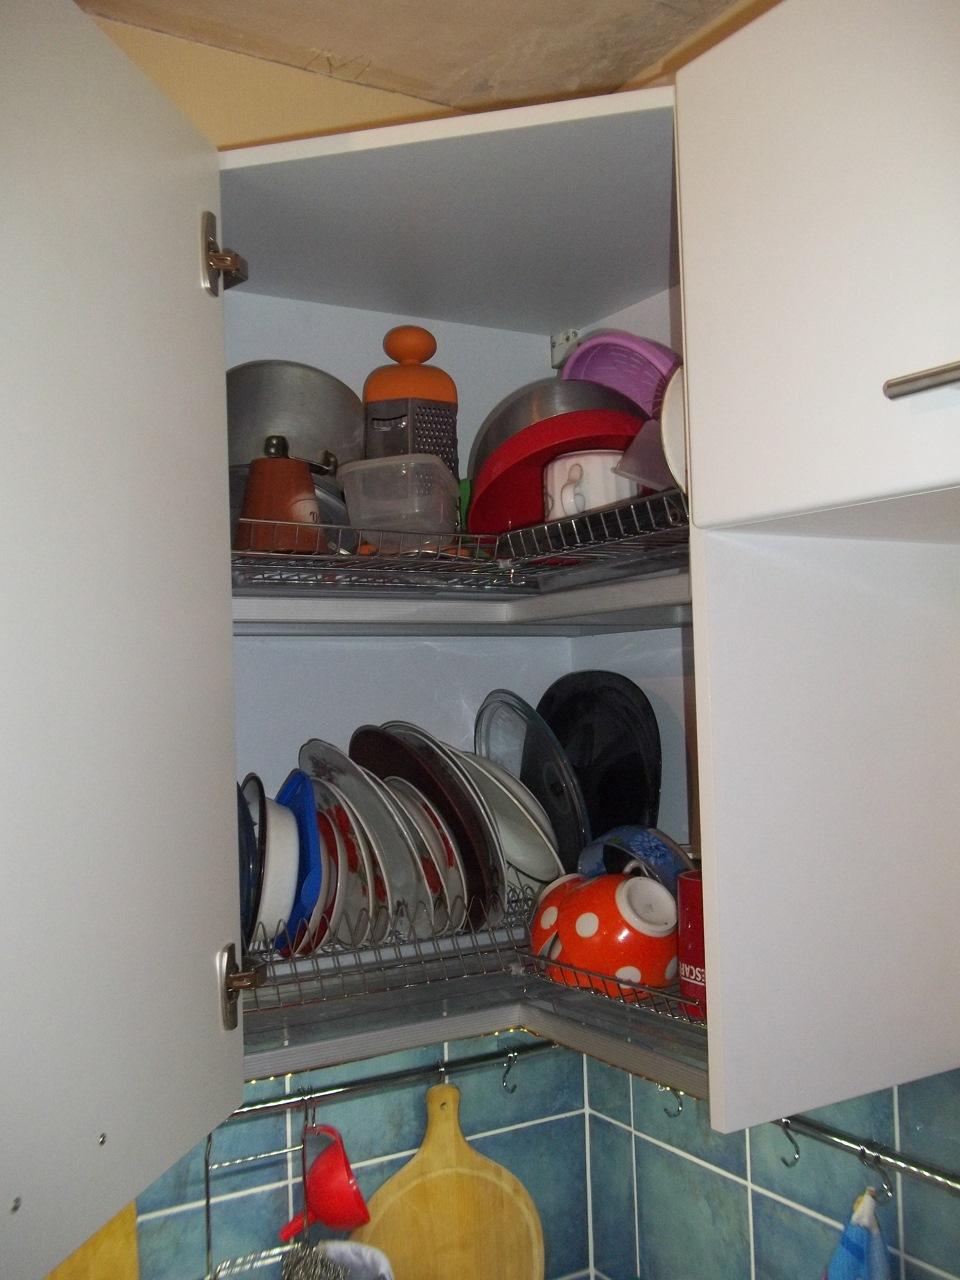 сушилка в угловом шкафу кухни фото тянуло музыке